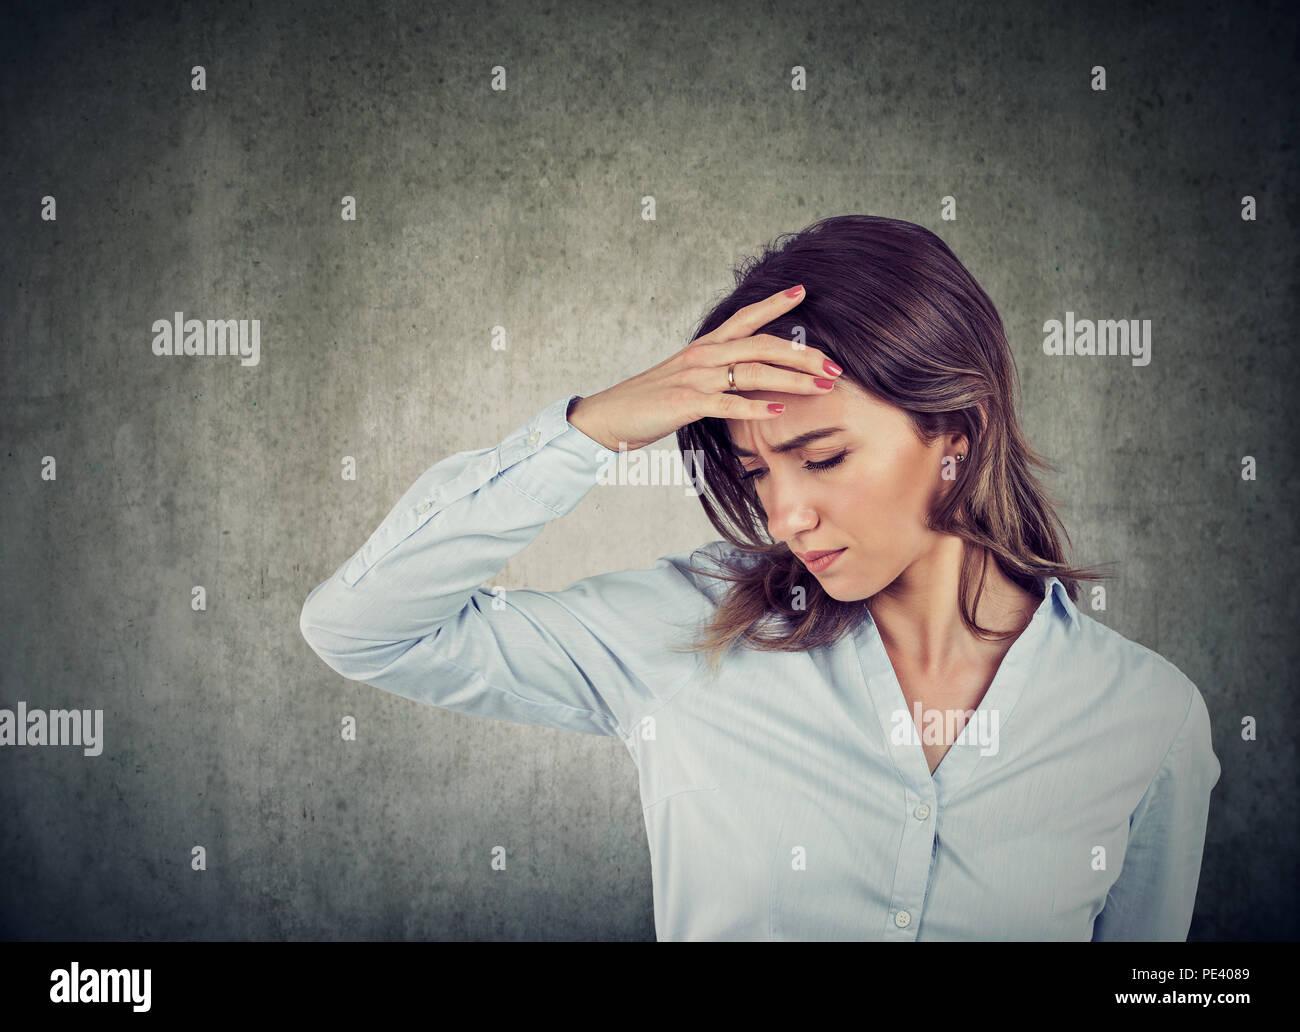 Closeup ritratto di un triste giovane bella donna con preoccupato ha sottolineato l'espressione faccia guardando verso il basso Immagini Stock